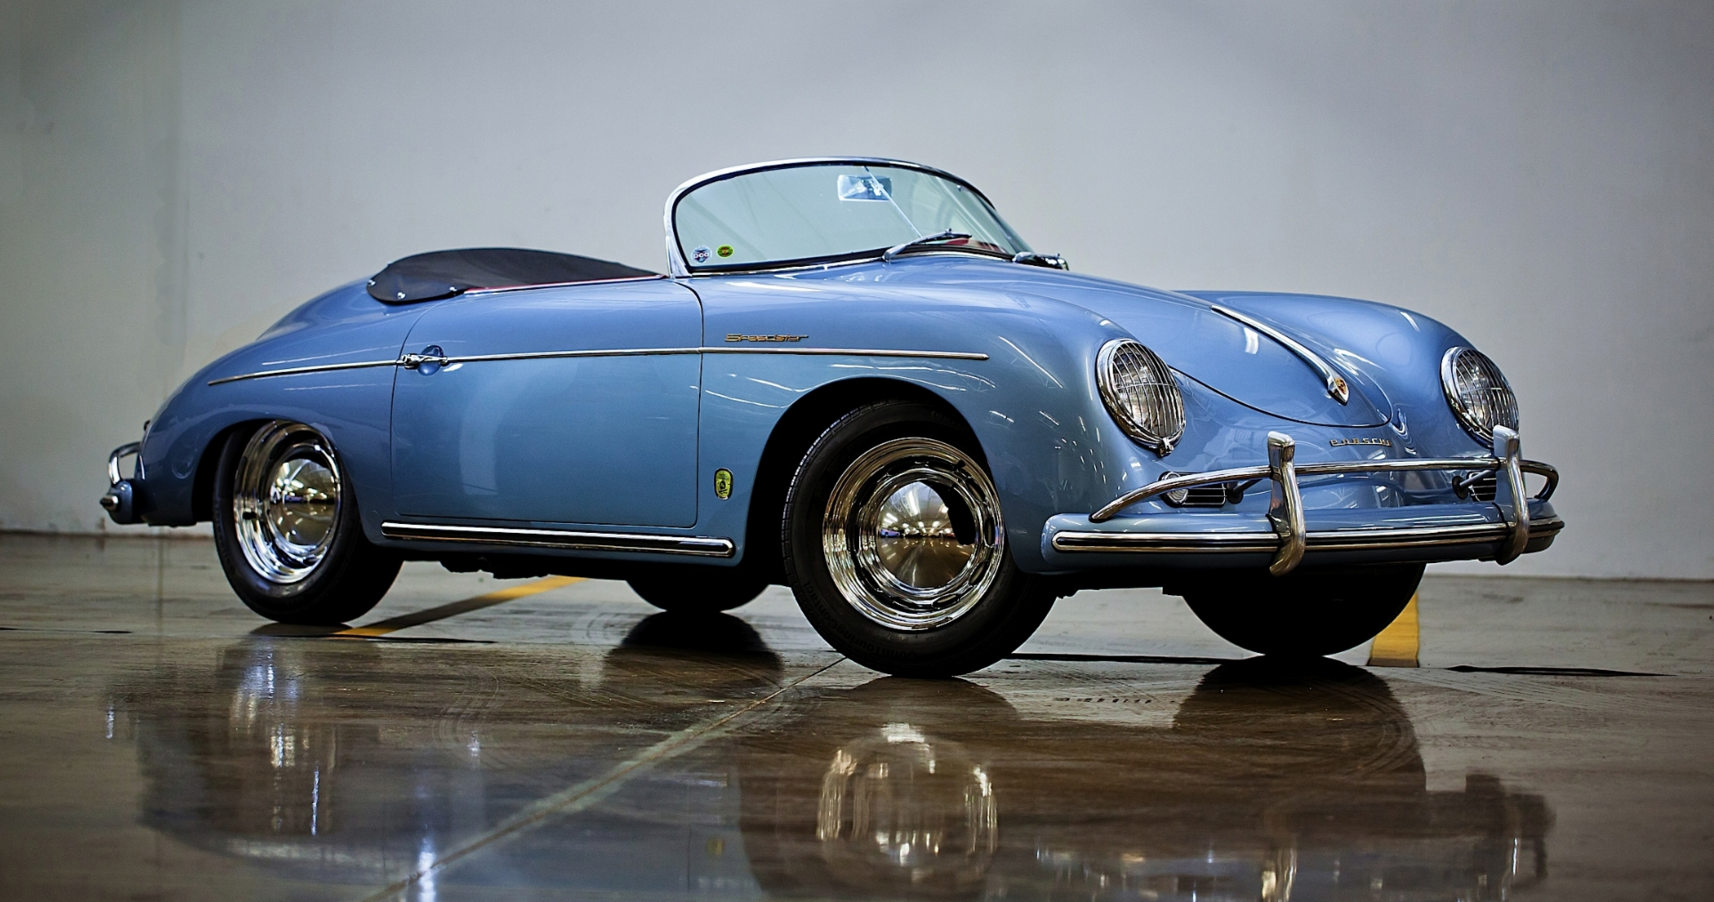 1956 Porsche 356a 1600 Speedster Gallery Supercars Net Porsche 356a Porsche Porsche 356 Speedster